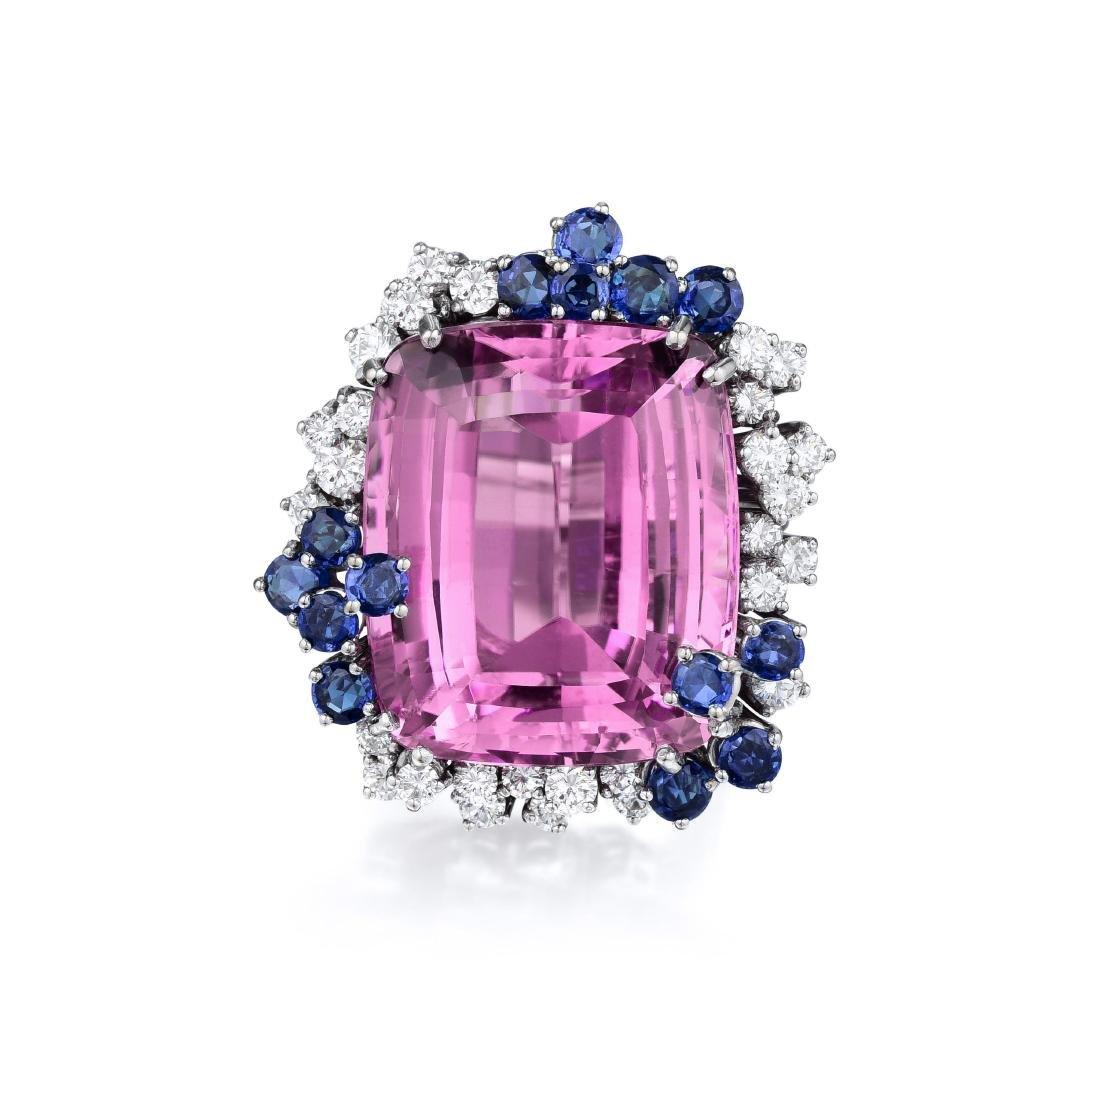 Kunzite Sapphire and Diamond Ring